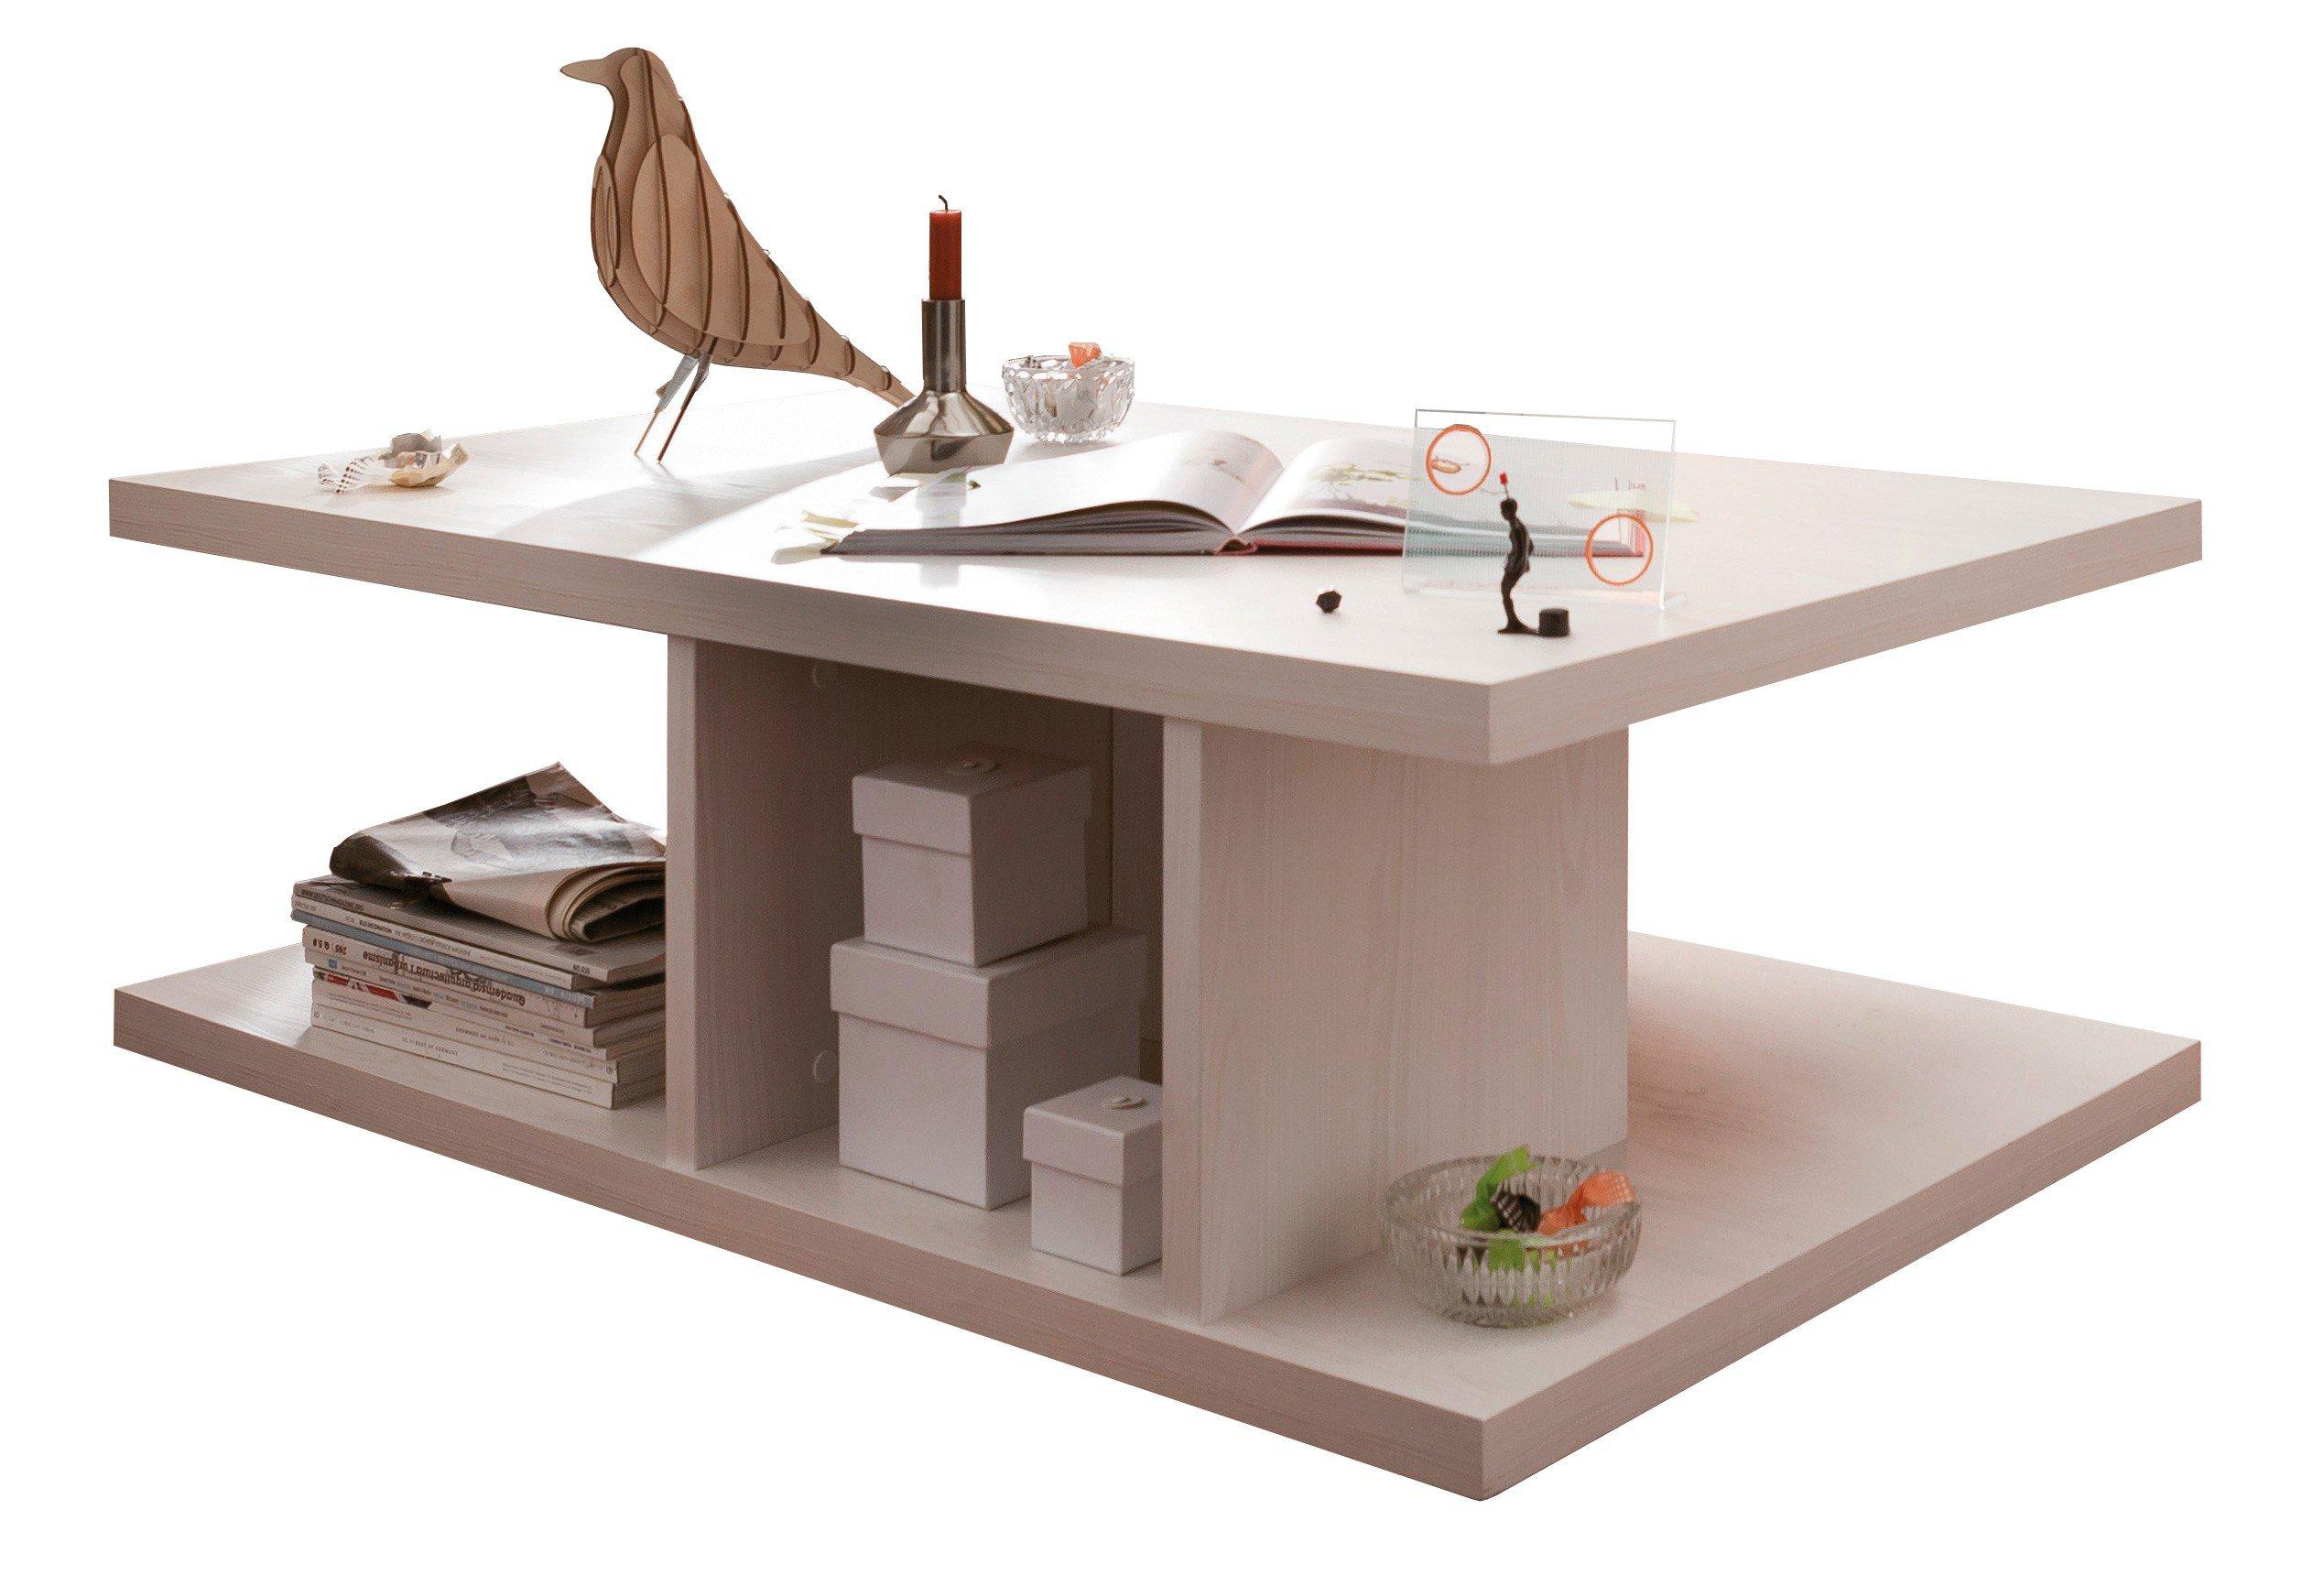 cs mbel good cool kleines ideen royal mobel bochum. Black Bedroom Furniture Sets. Home Design Ideas